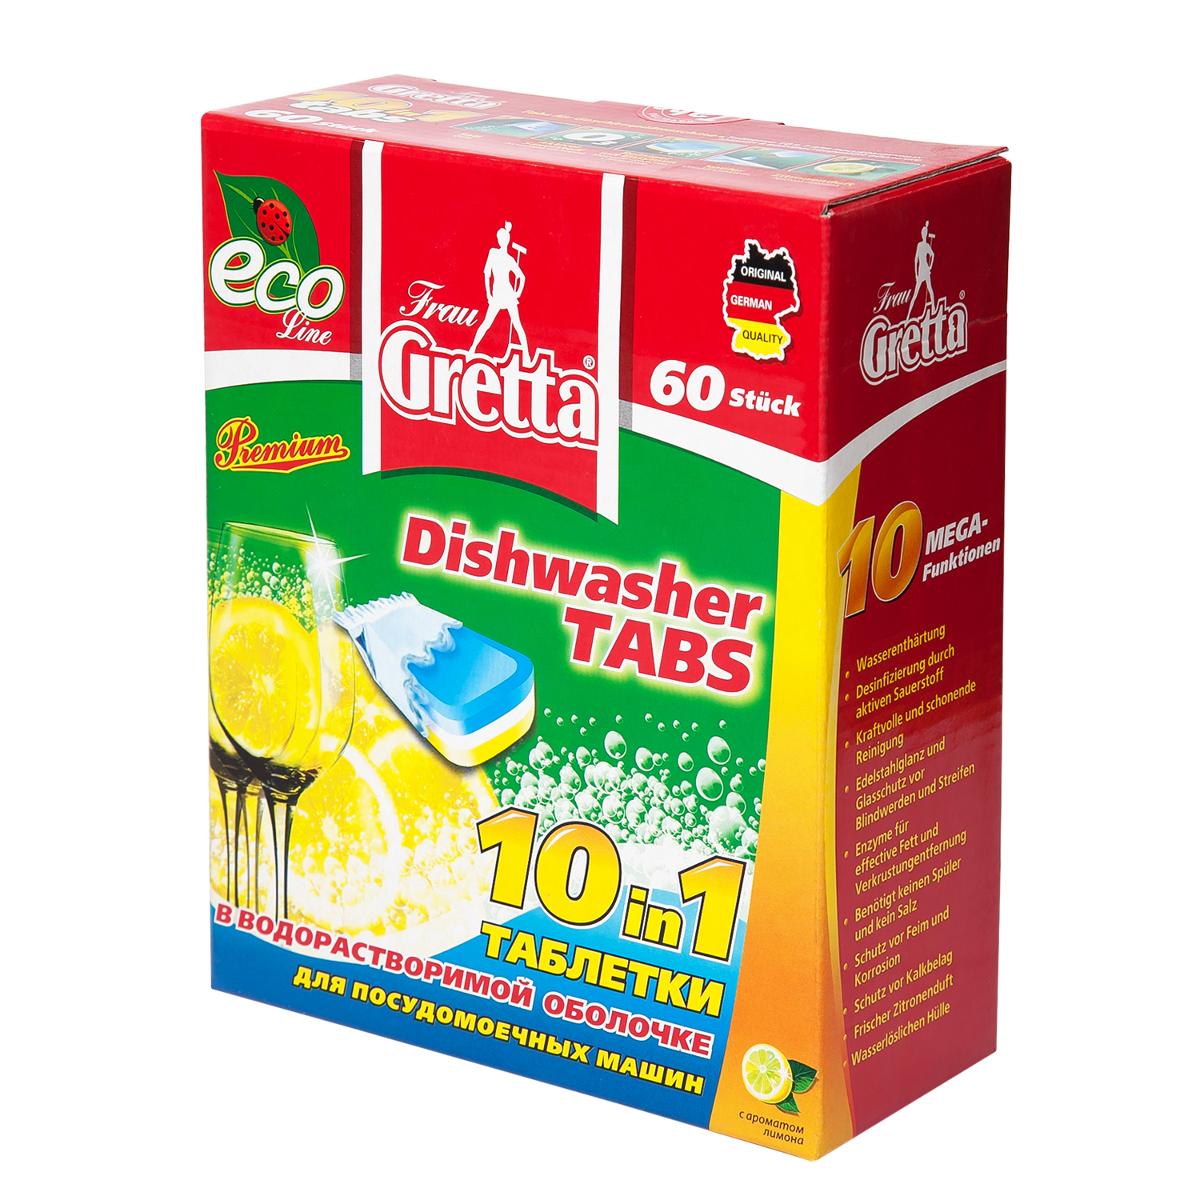 Таблетки для посудомоечной машины Frau Gretta 10 в 1, 60 шт бытовая химия xaax ополаскиватель для посудомоечной машины 500 мл